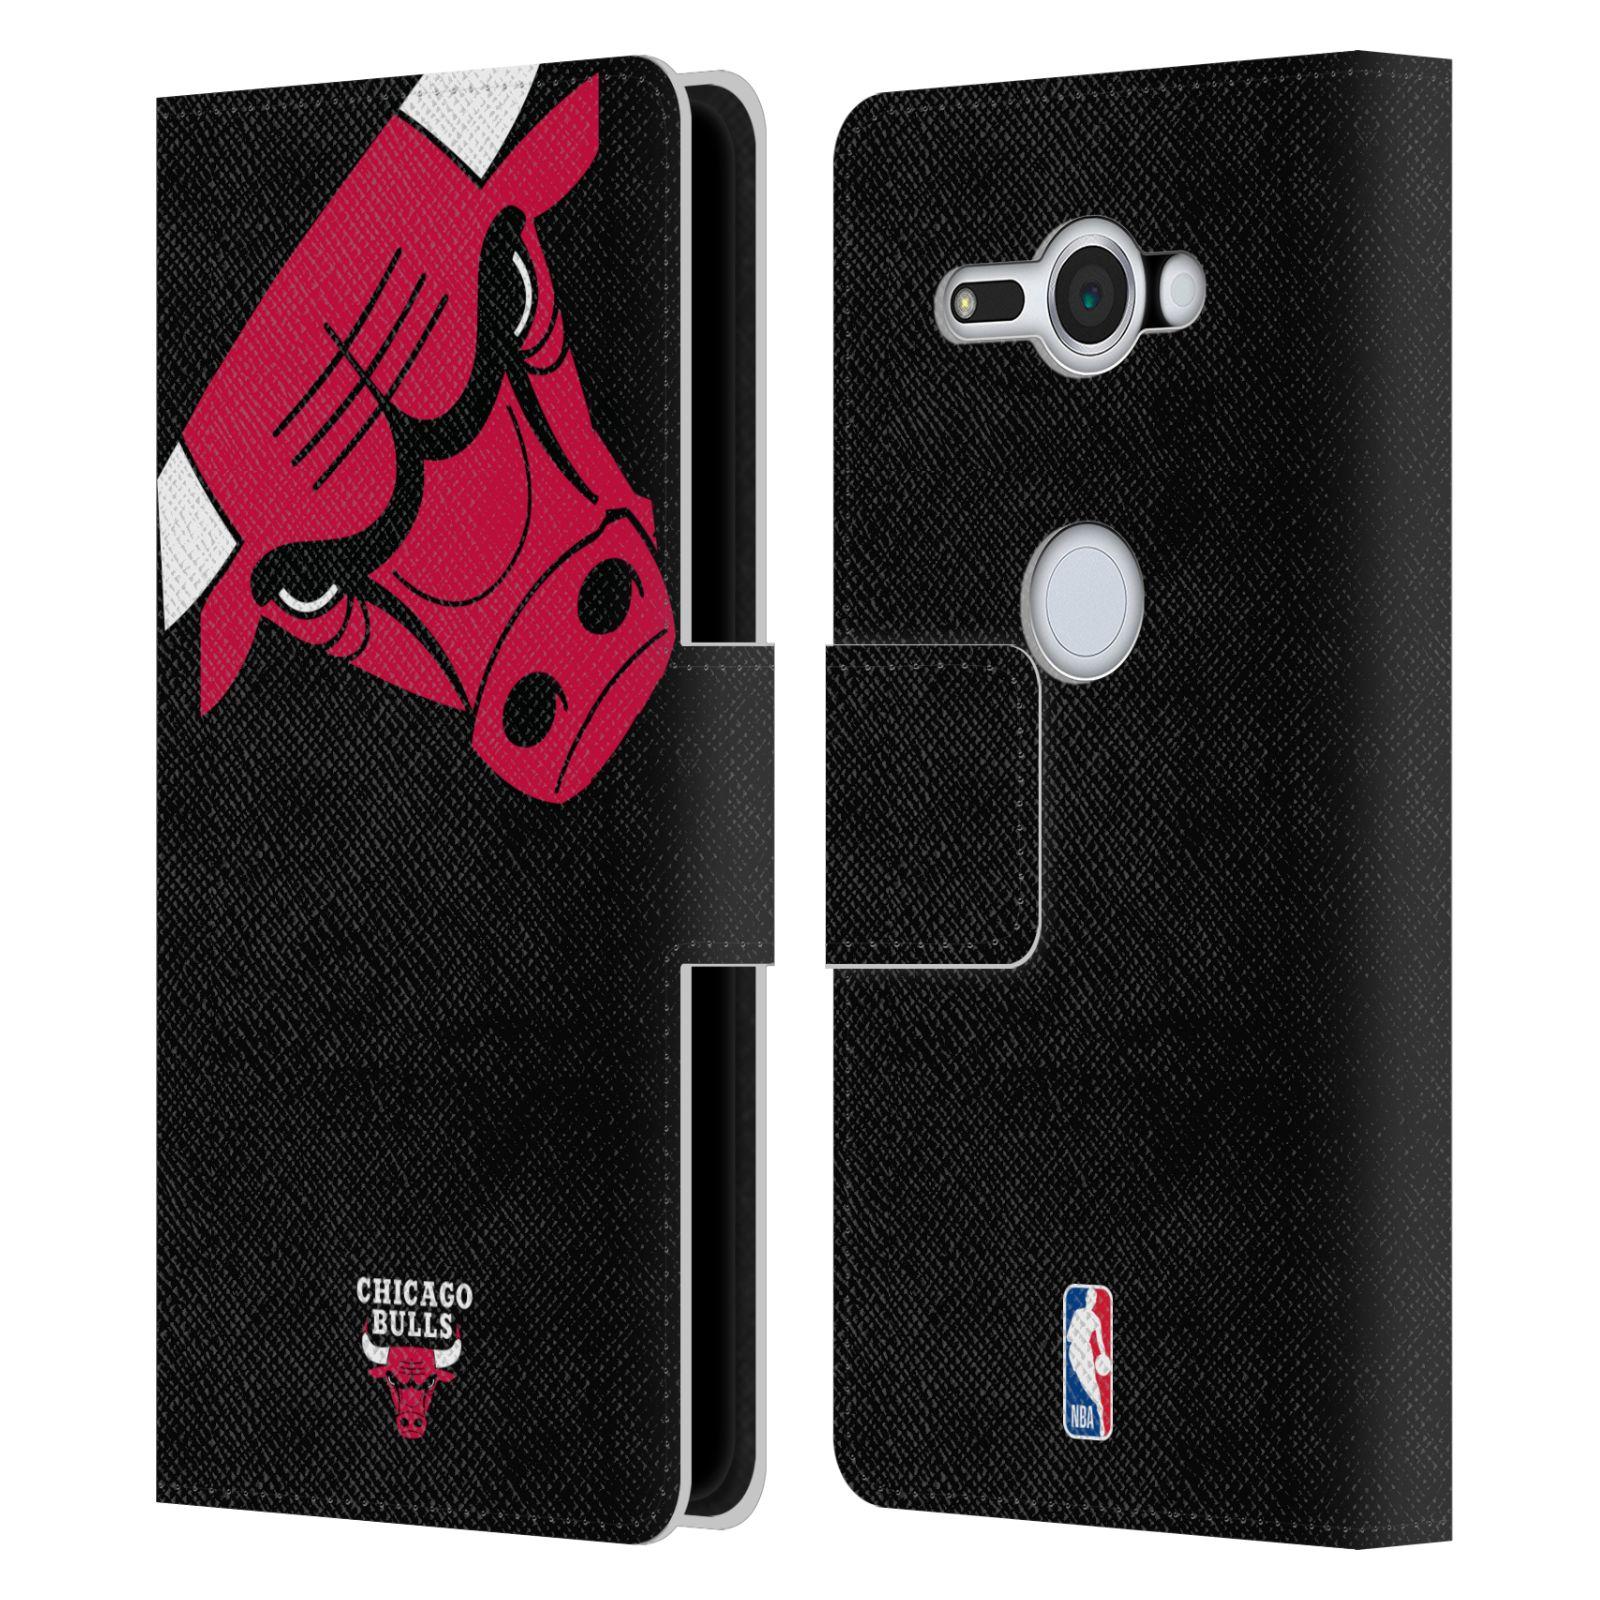 Pouzdro na mobil Sony Xperia XZ2 Compact - Head Case -NBA - Chicago Bulls červená barva velký znak